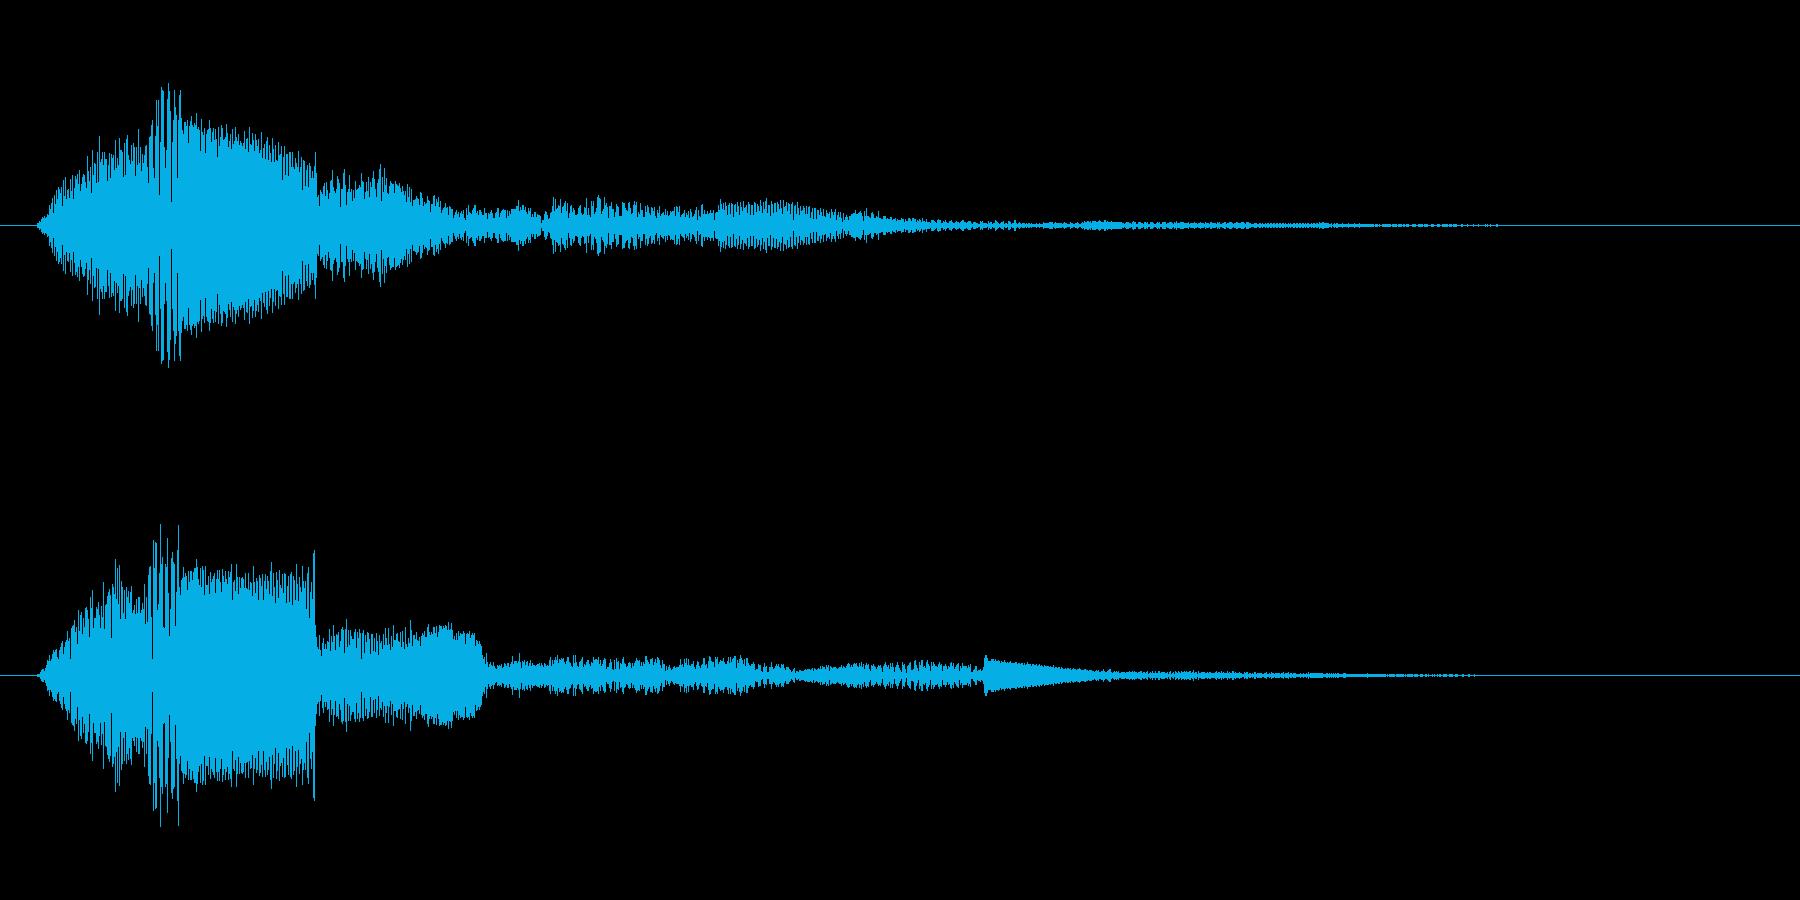 お知らせ・通知・受信音(ティロン)の再生済みの波形